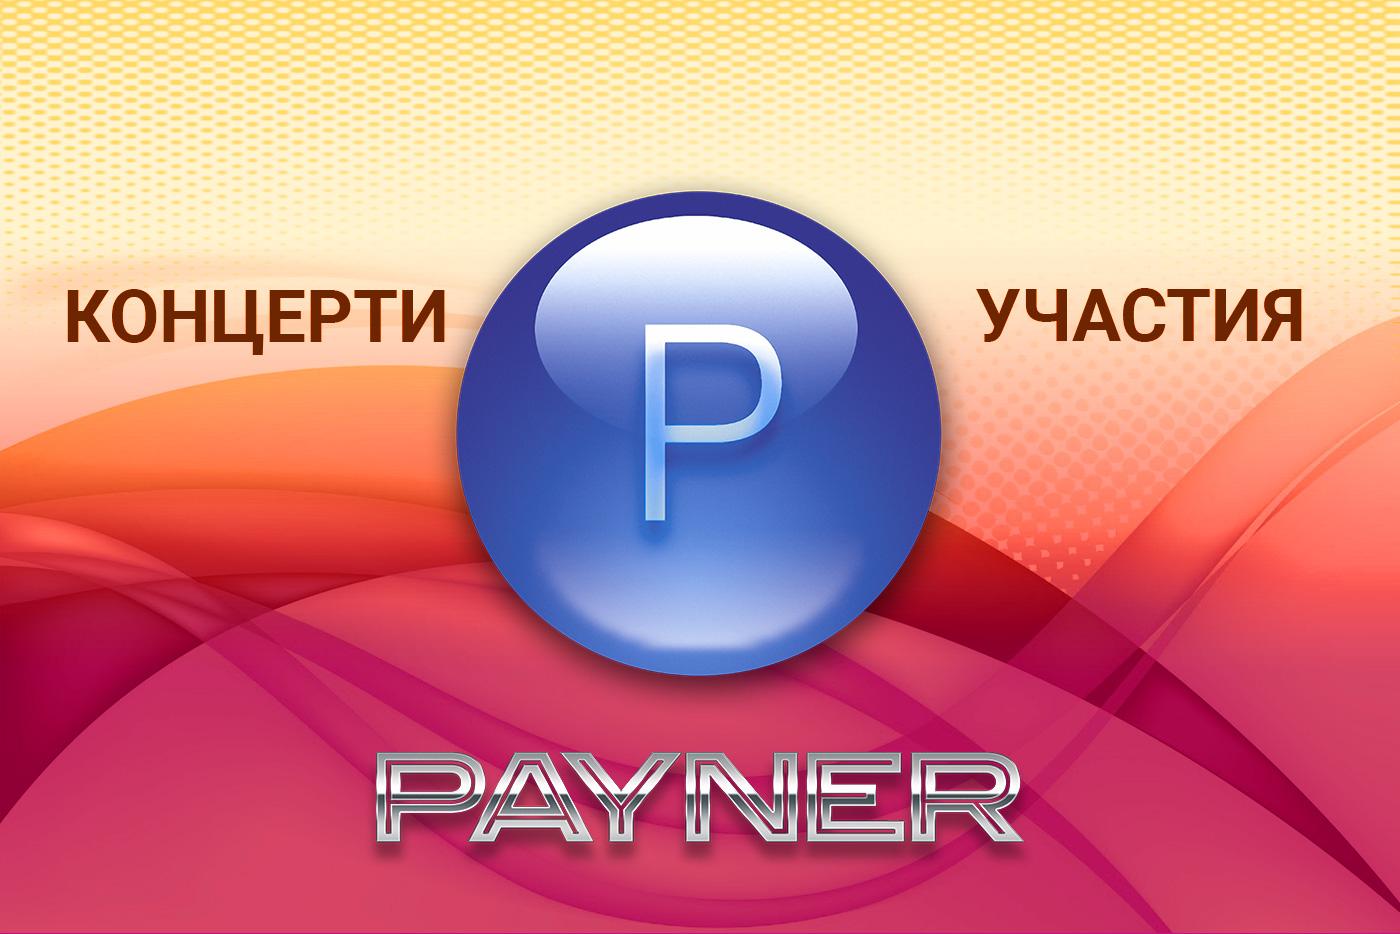 """Участия на звездите на """"Пайнер"""" на 22.02.2020"""